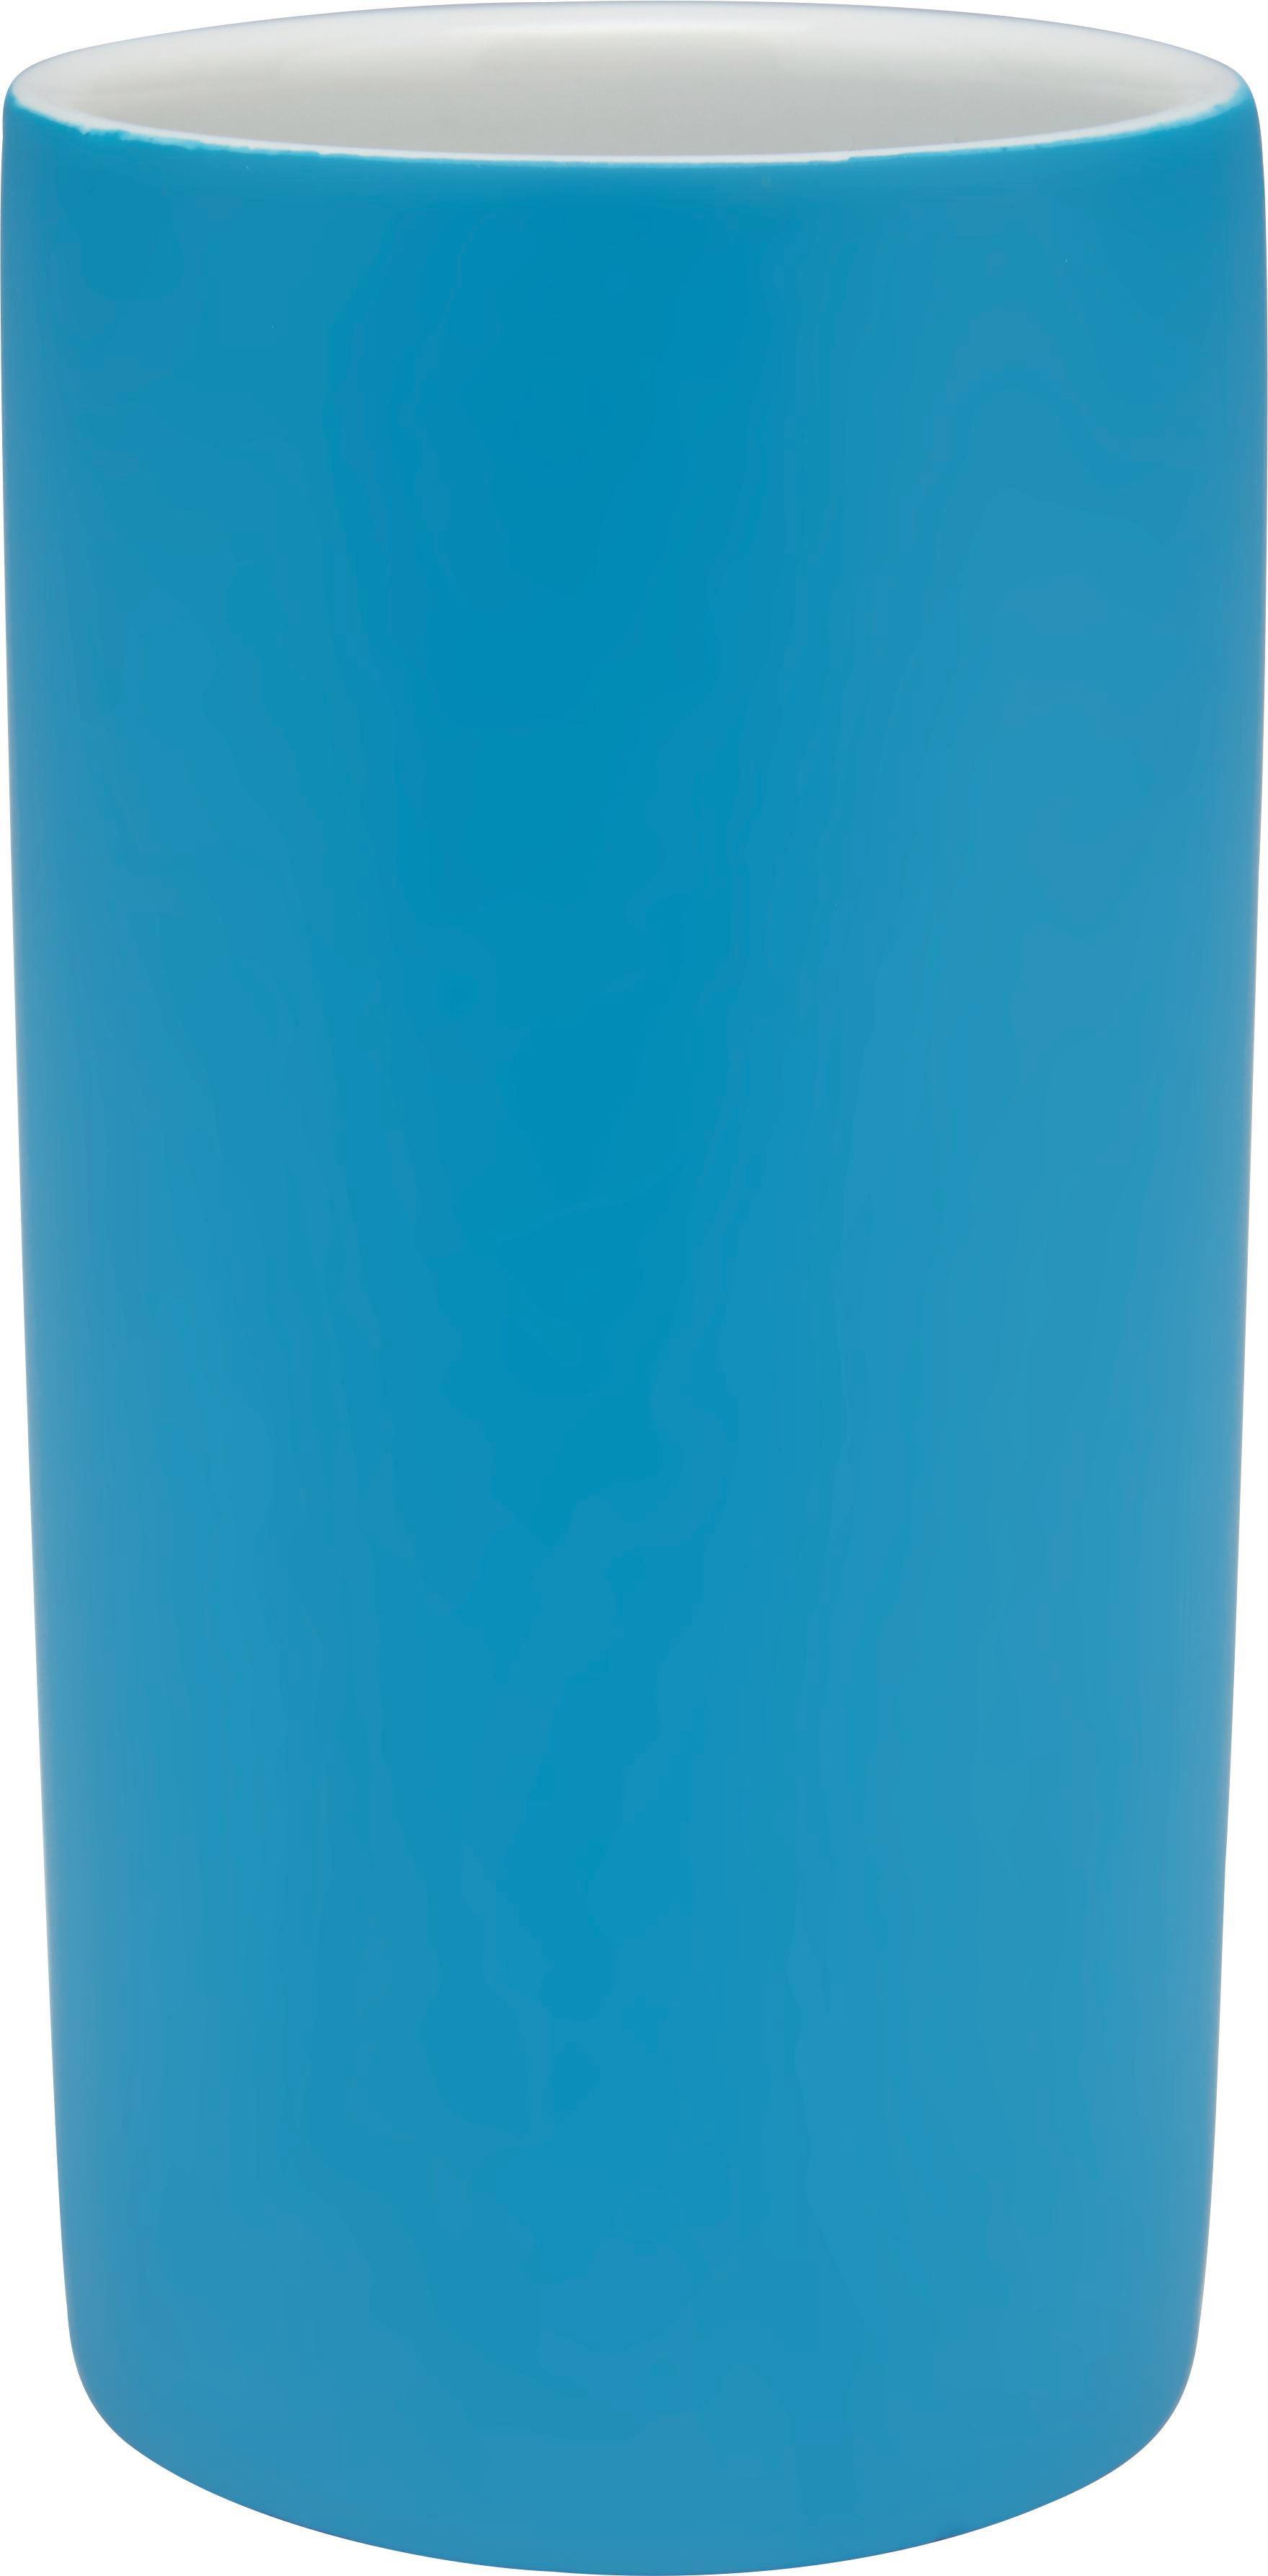 Fogmosópohár Melanie - petrol, konvencionális, kerámia (6,5/12cm) - MÖMAX modern living